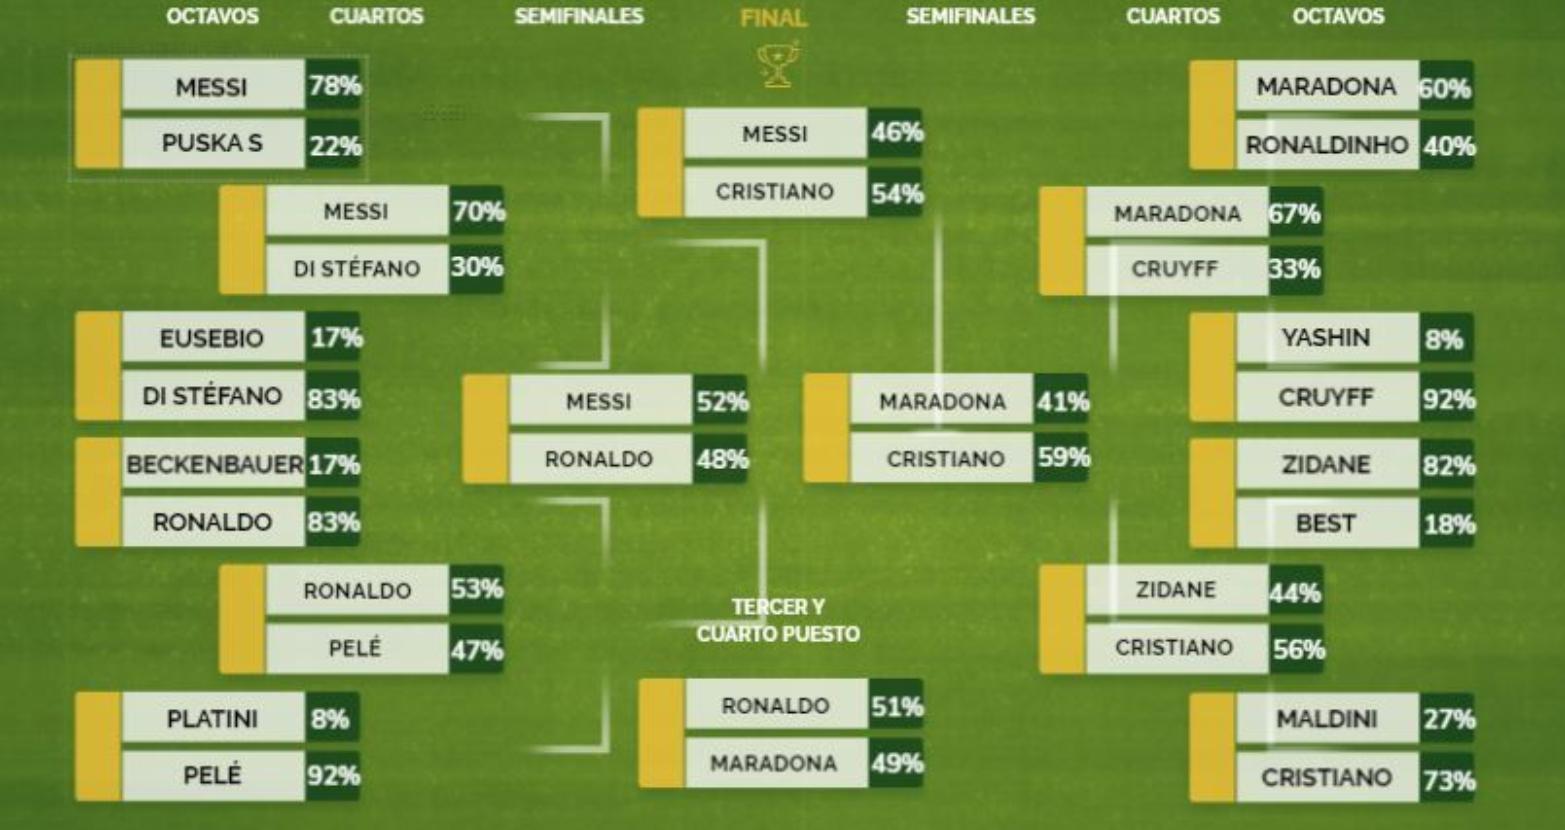 马卡票选历史最佳球员:C罗击败梅西当选,大罗获第三